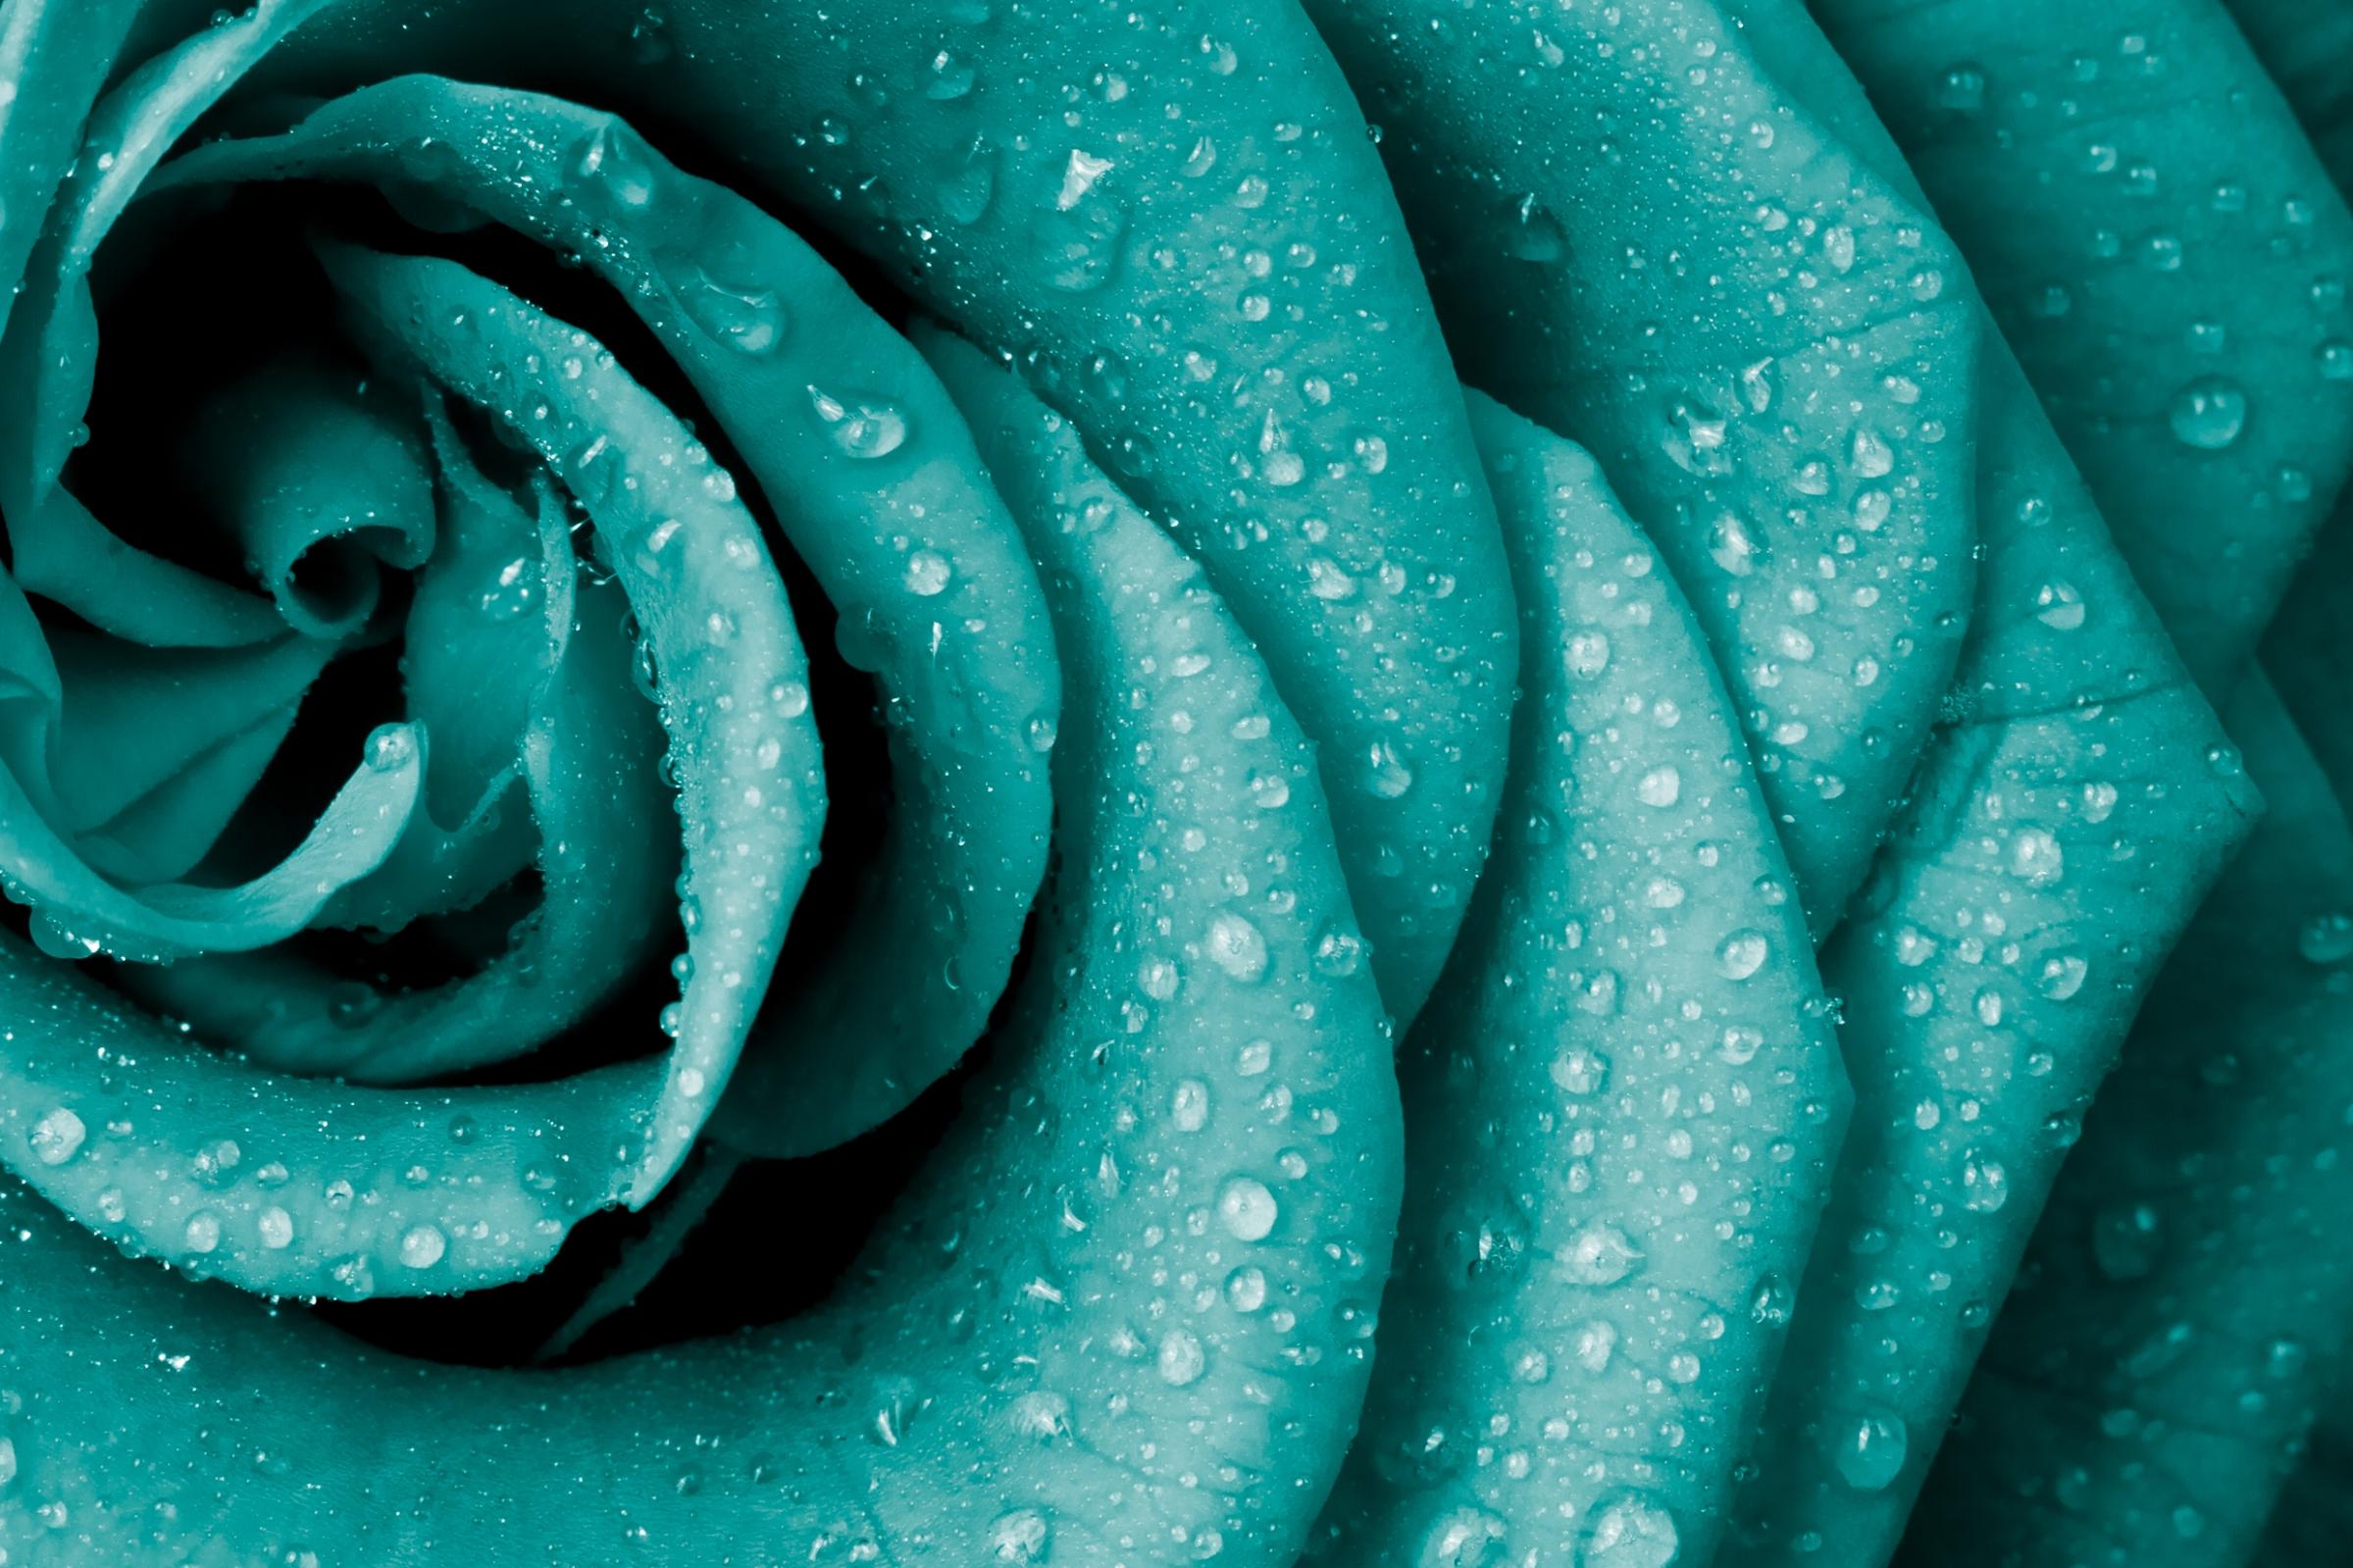 background teal rose